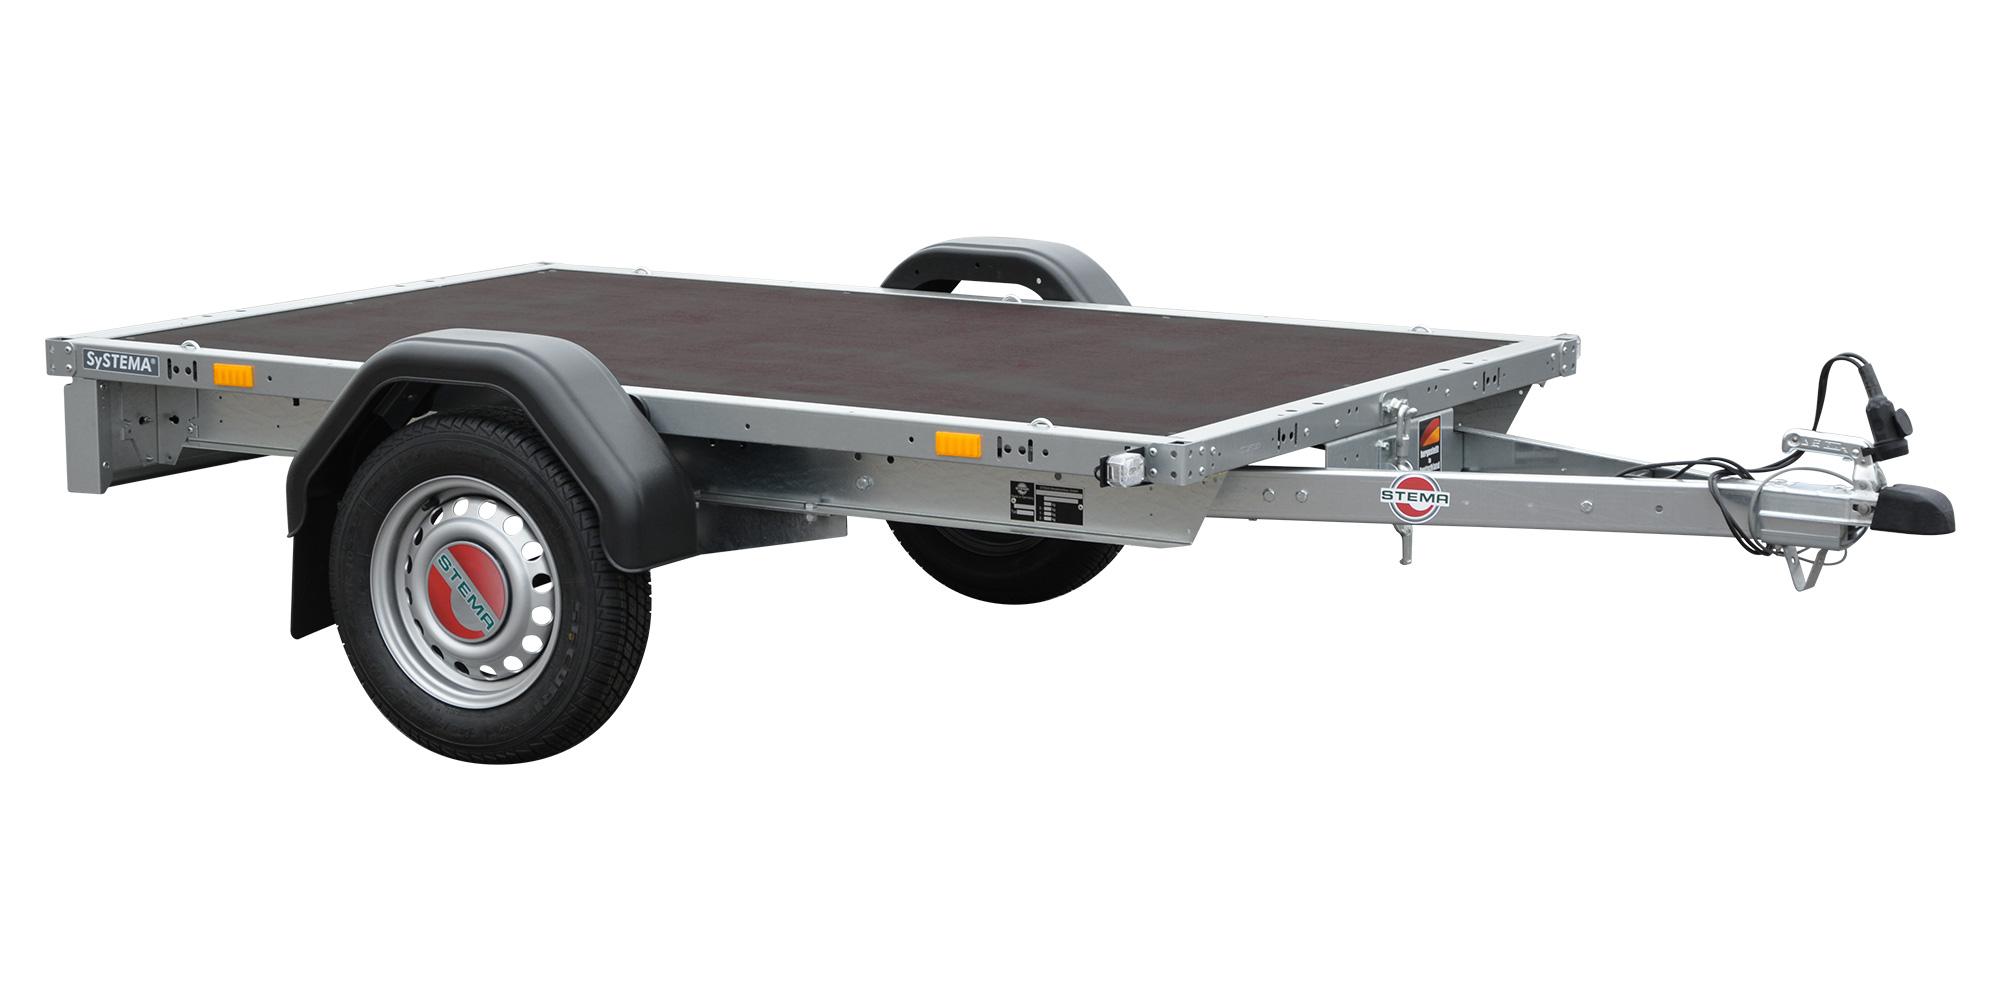 stema pkw anh nger mini 750 f r quad atv e autos stp o1 7 5 25 15 1. Black Bedroom Furniture Sets. Home Design Ideas